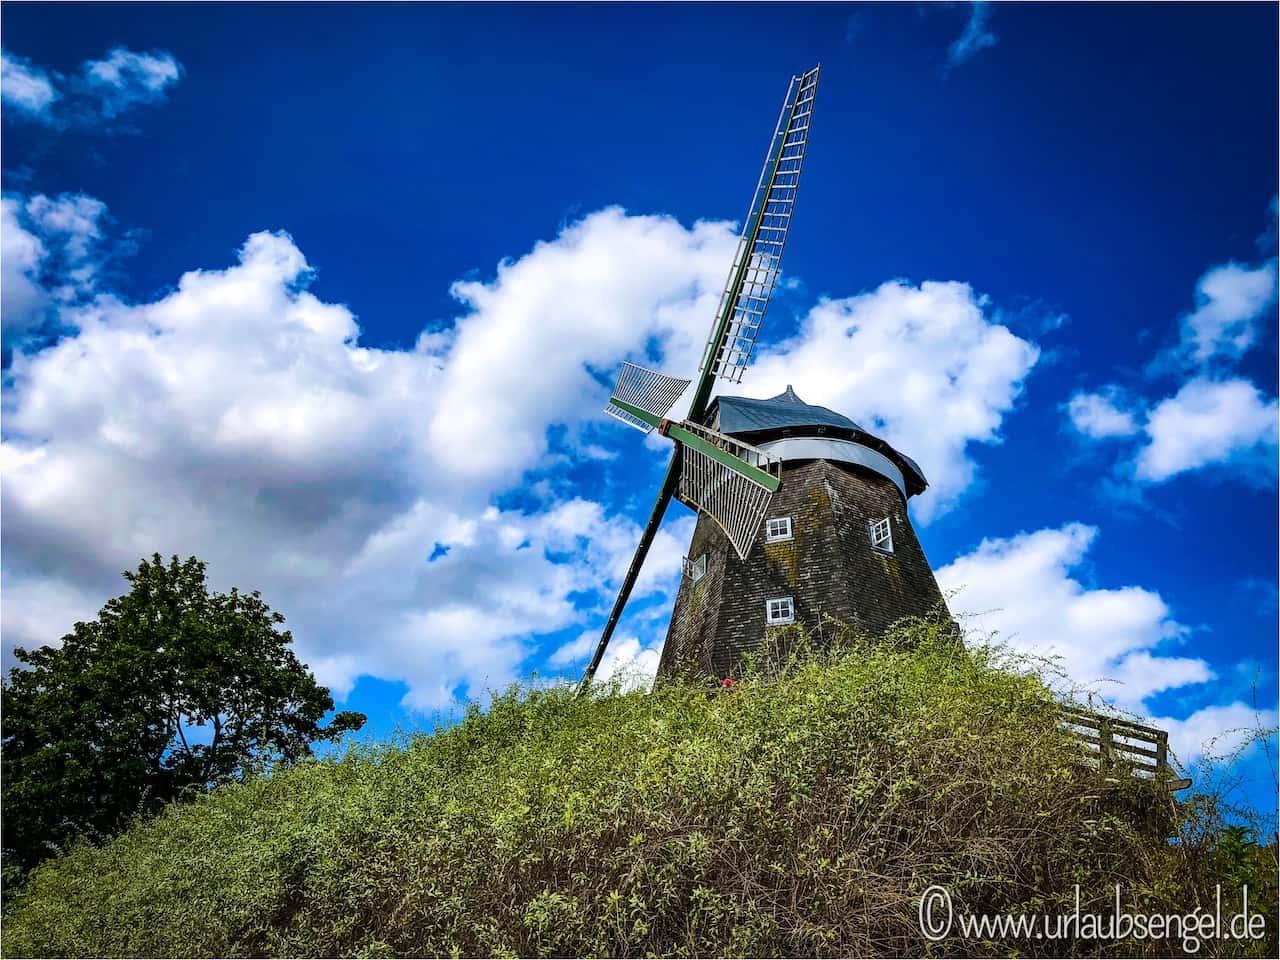 Windmühle in Röbel an der Müritz, Mecklenburgische Seenplatte